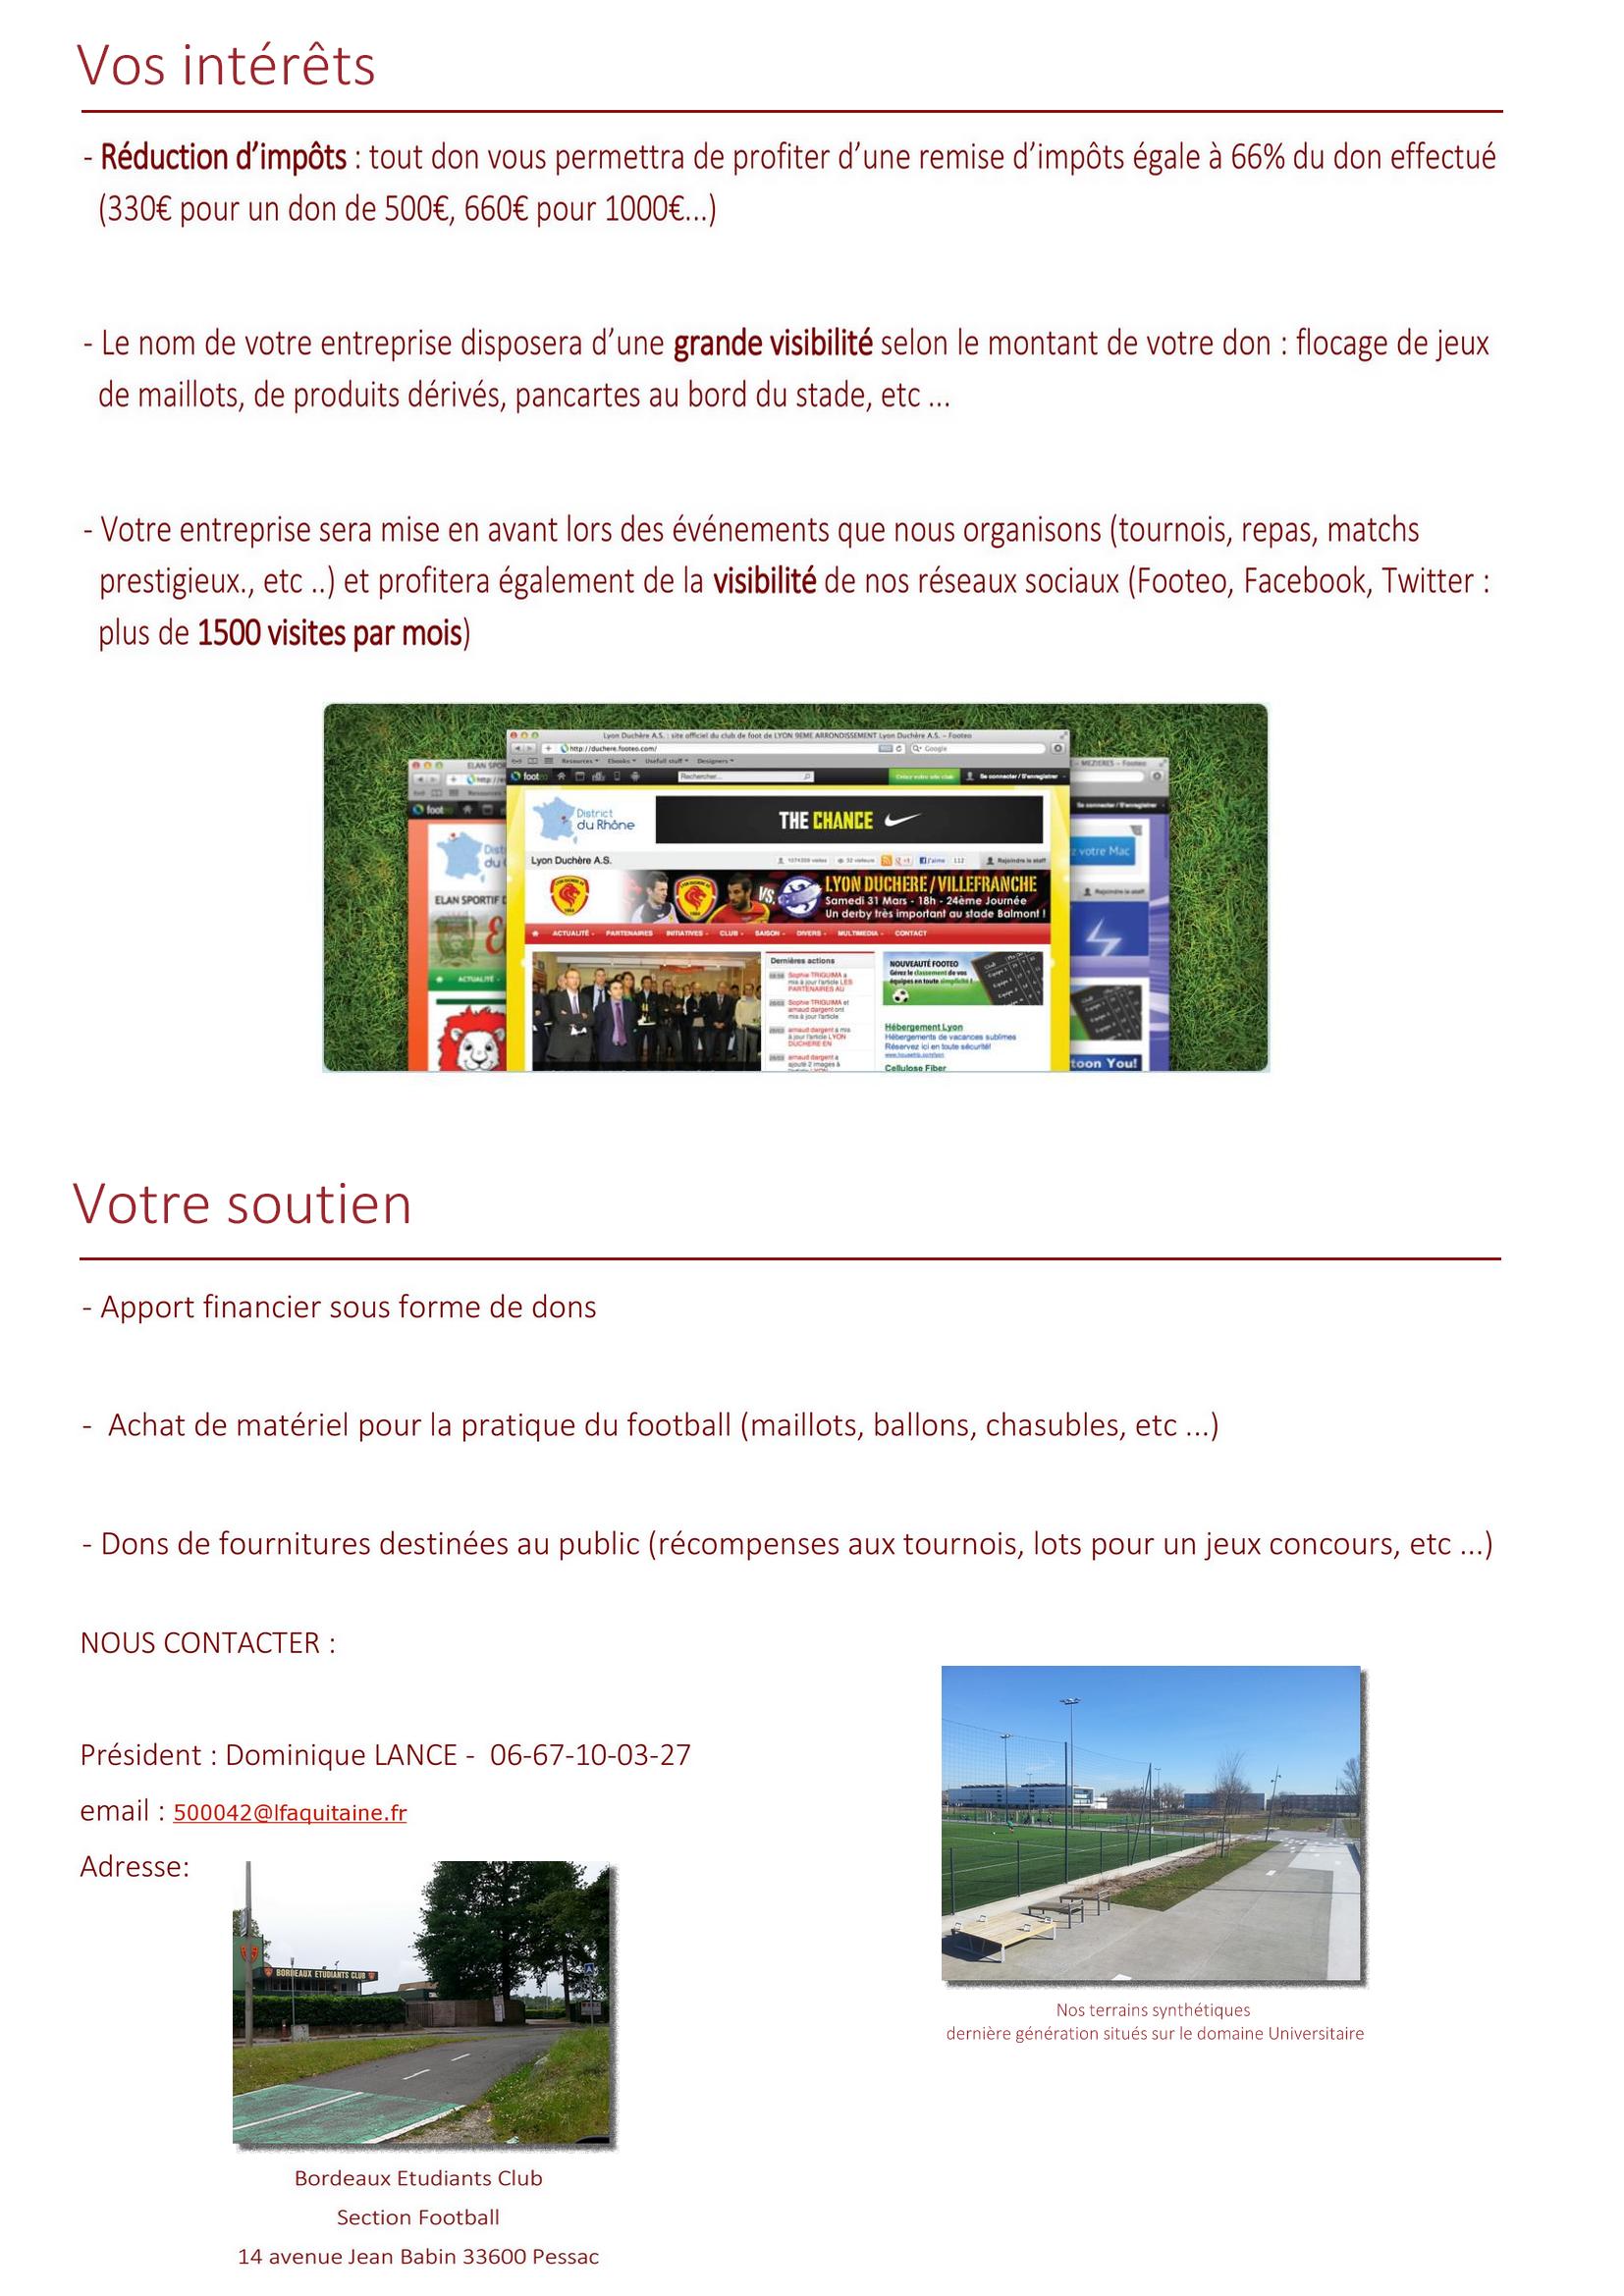 Plaquette page 2